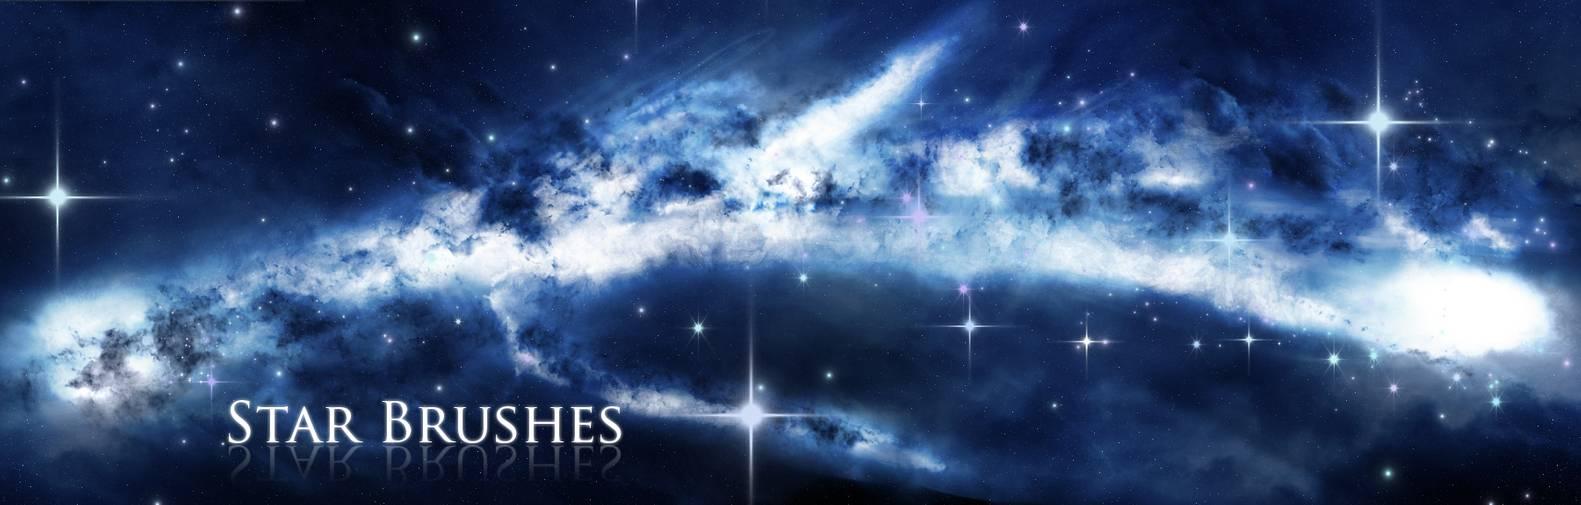 梦幻神秘的星空、浩瀚广袤的宇宙深空PS宇宙背景笔刷